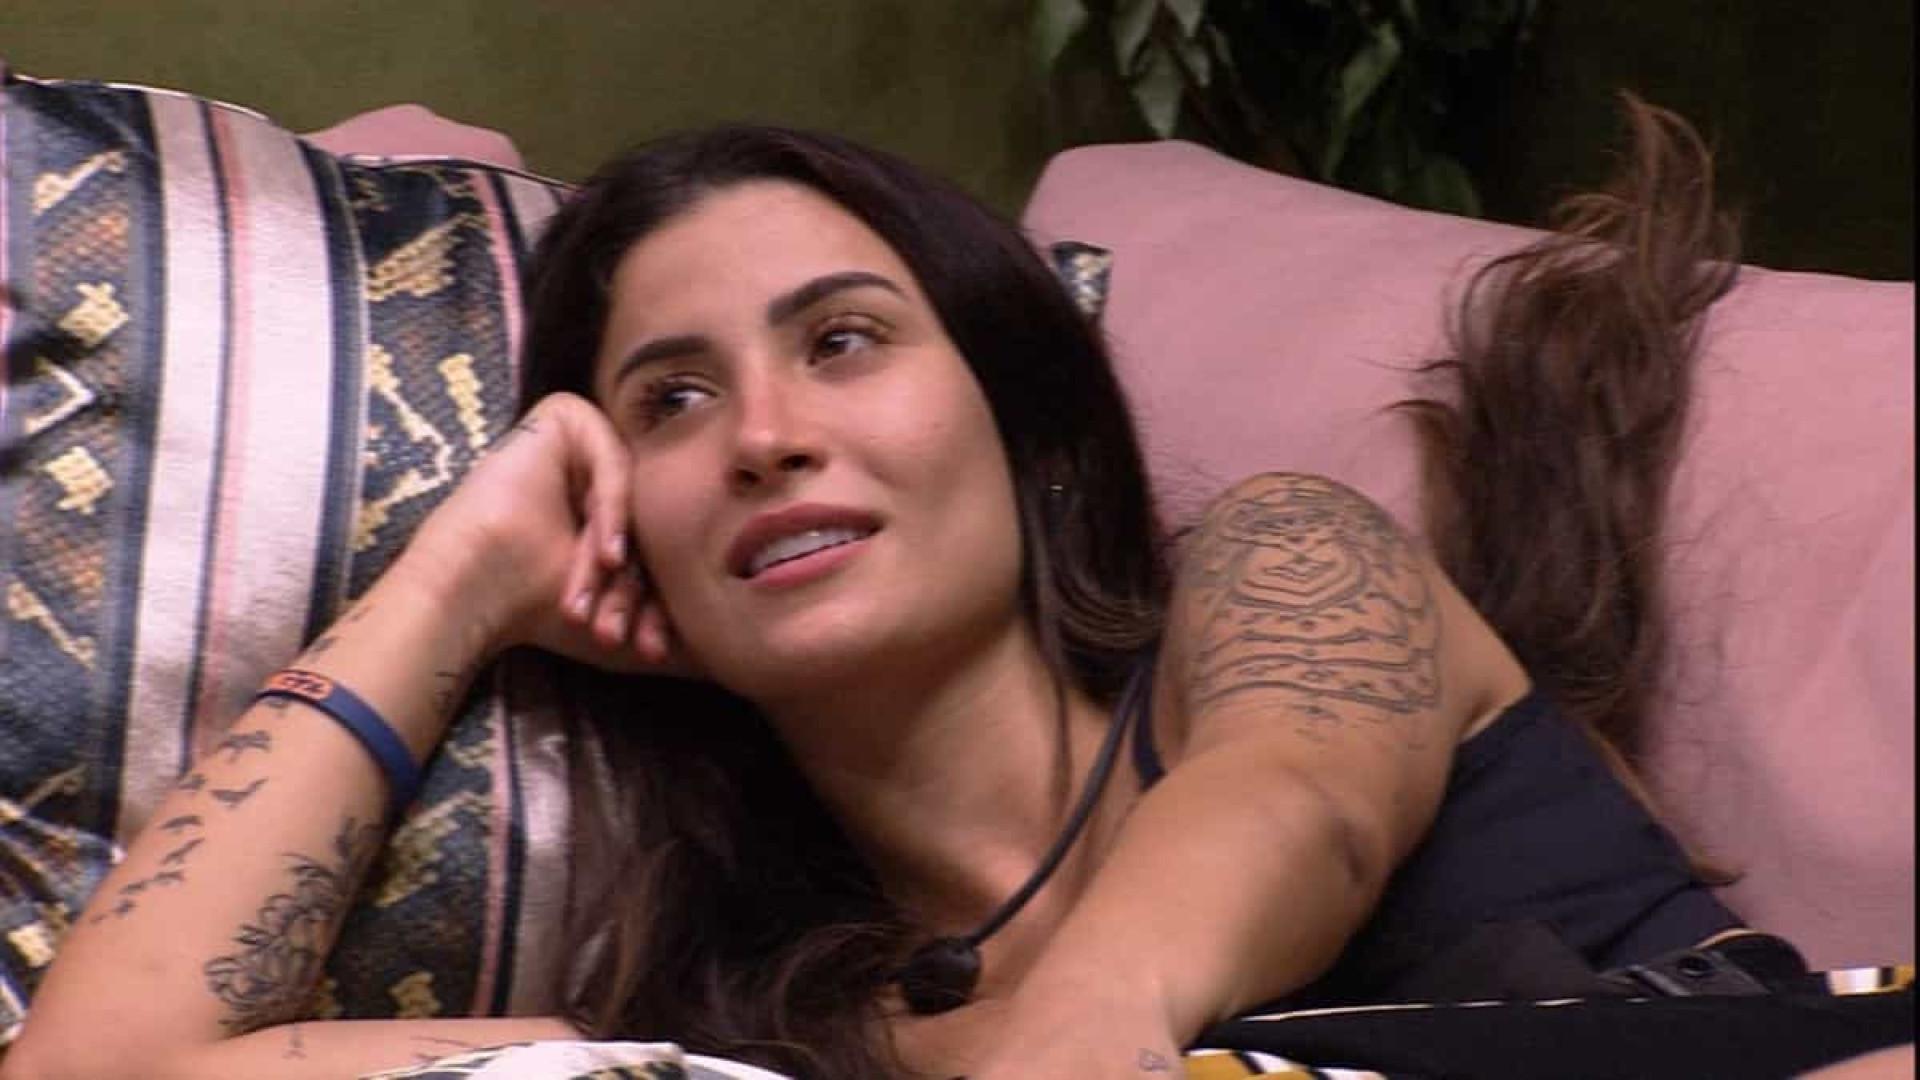 Bianca diz que Rafa 'se faz de coitada' e é 'maluca e manipuladora'